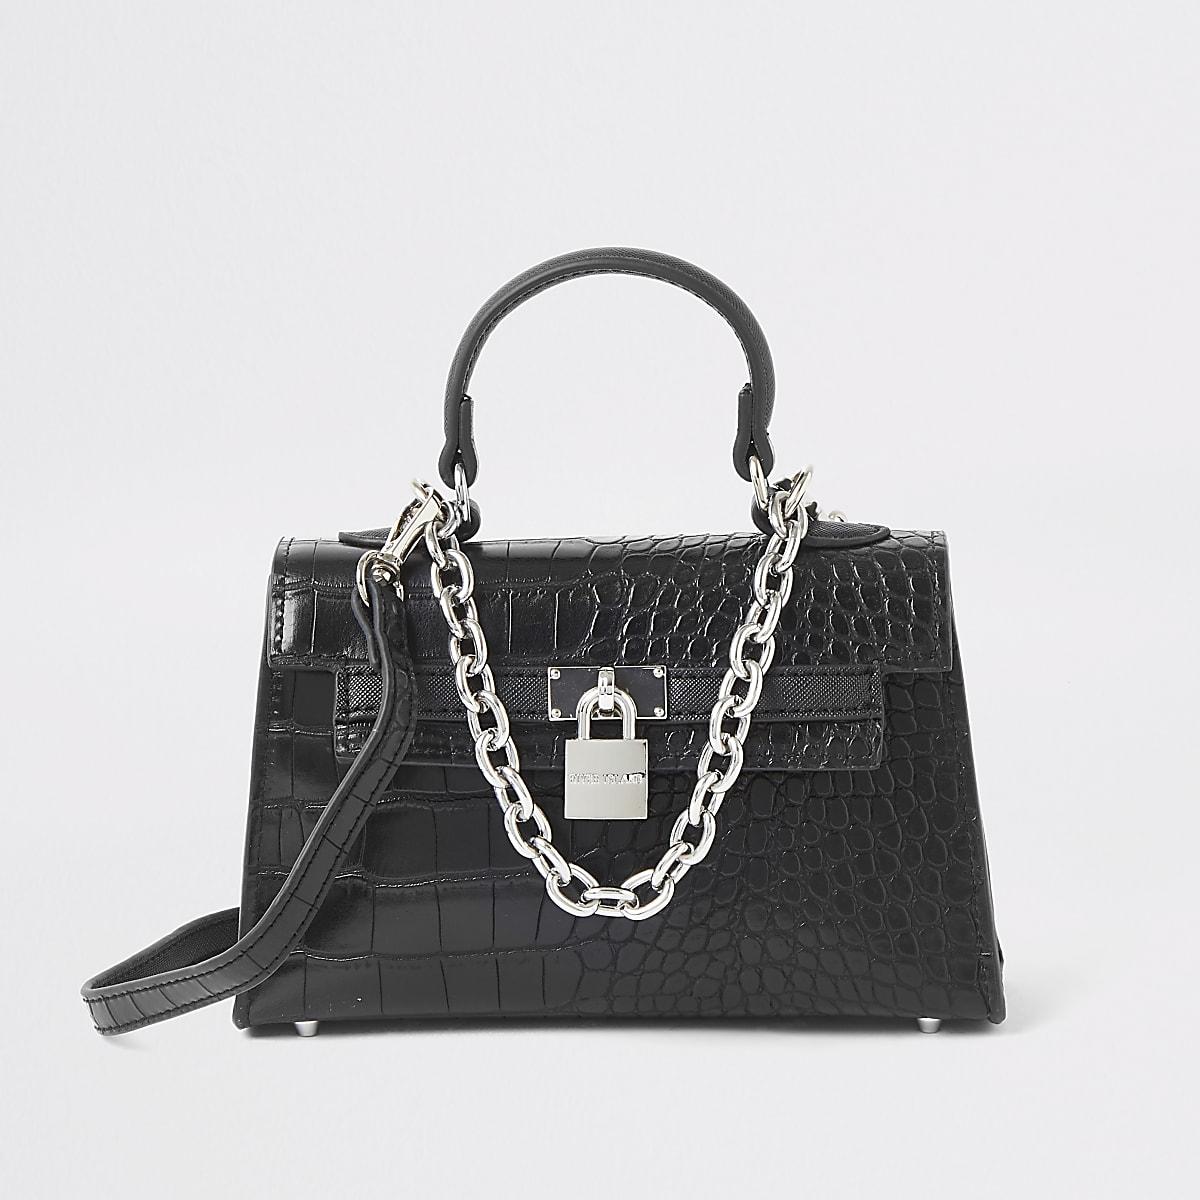 Zwarte kleine handtas met krokodillenprint